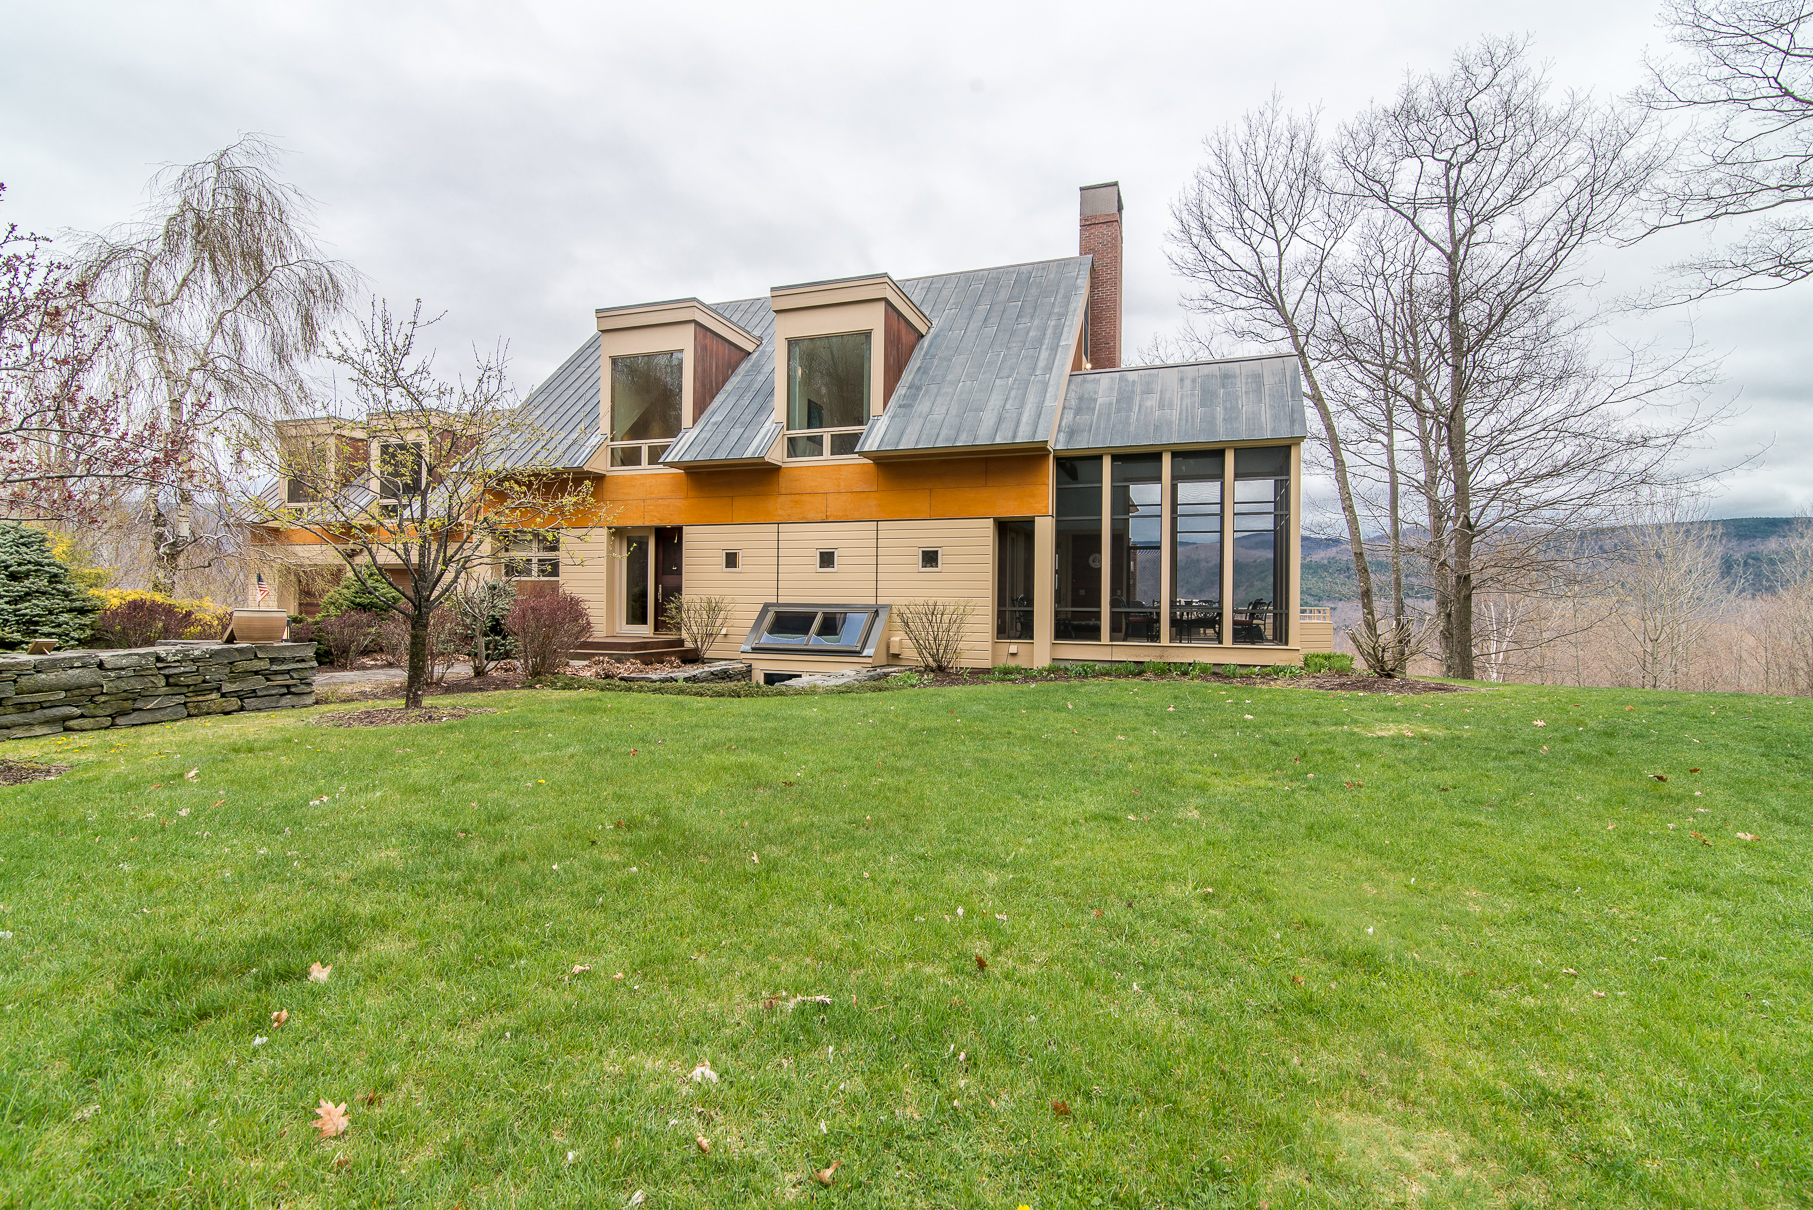 Maison unifamiliale pour l Vente à Custom Contemporary with 23 Acres and Views 655 Upper Squirrel Hollow Rd Dorset, Vermont, 05253 États-Unis